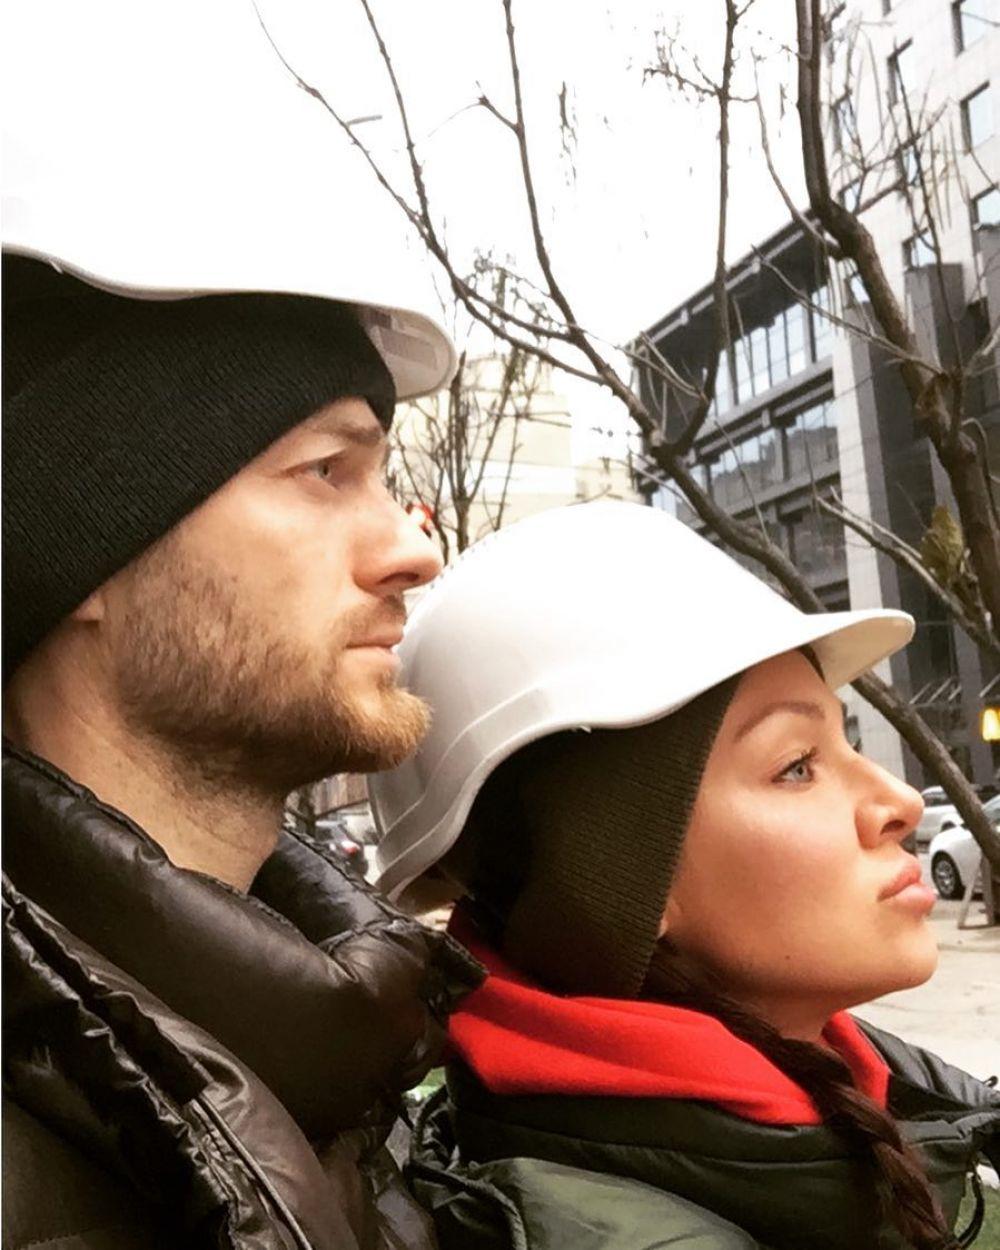 Влад Яма заинтриговал снимкой с женой в касках, подписав фото «На всякий случай». Интересно, к чему готовится пара?